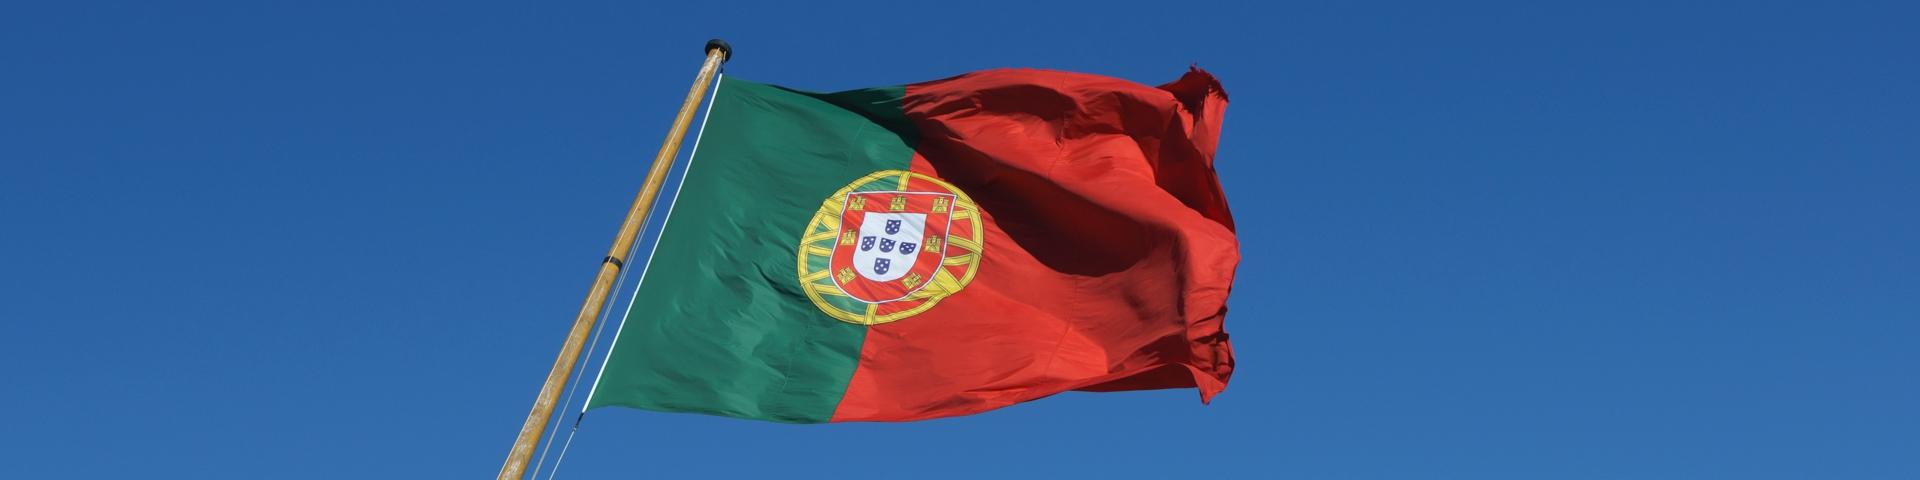 Portugiesisch Lernen Sprachkurs Für Europäisches Portugiesisch